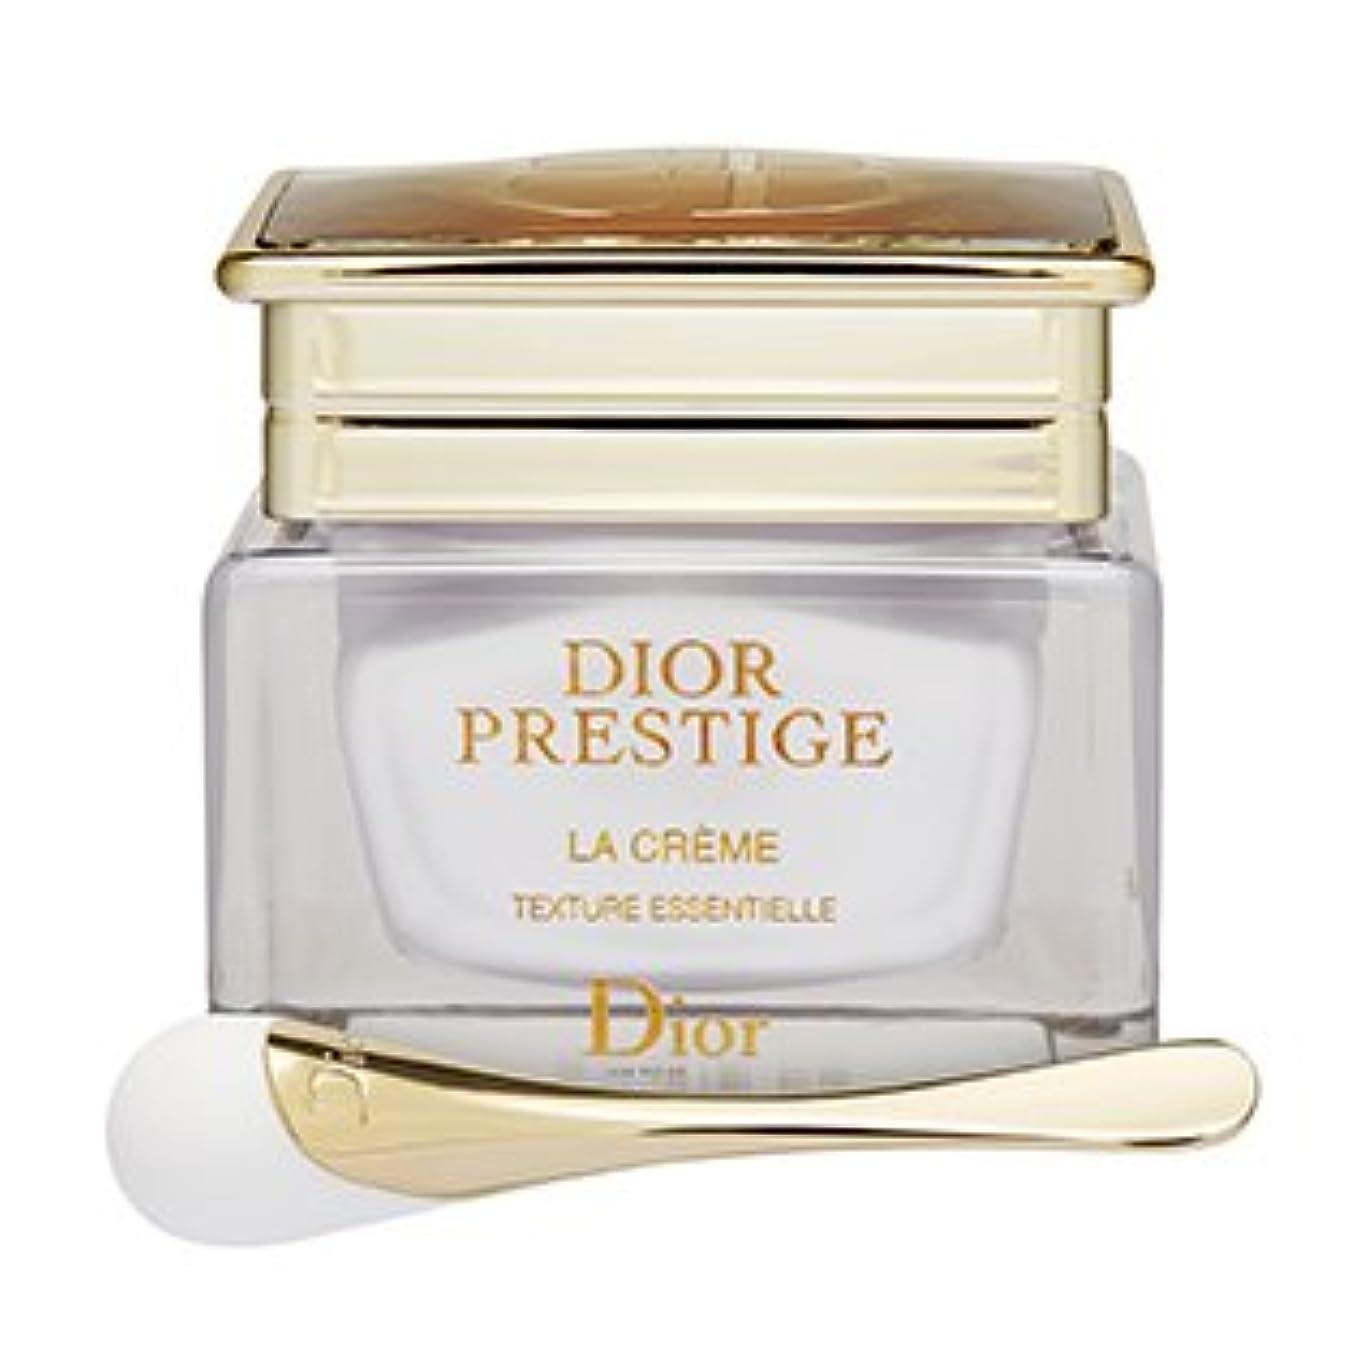 簡単な減る禁止するディオール(Dior) プレステージ ラ クレーム - 極上のテクスチャー [並行輸入品]